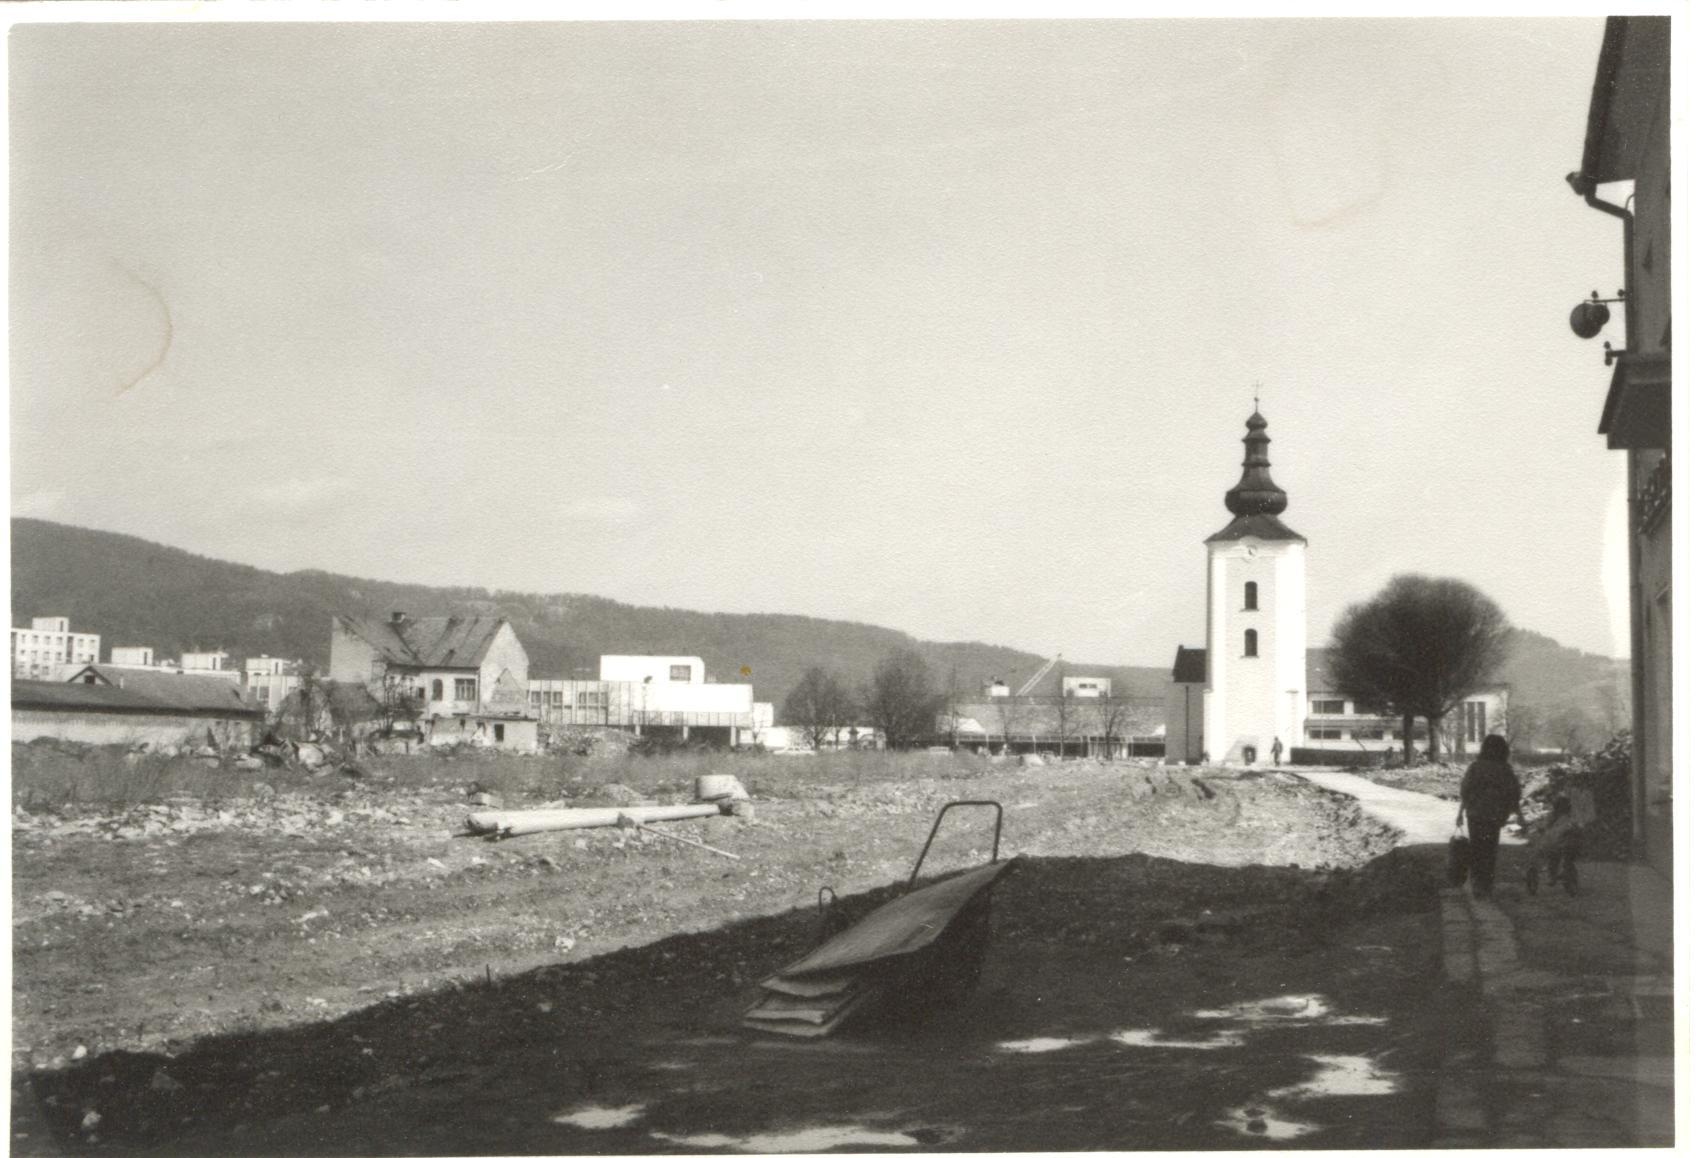 Zničené staré centrum Púchova koncom 80. rokov minulého storočia n (Moyzesova ul - pešia zóna dnes). Vpravo ešte stojí hotel Javorník.